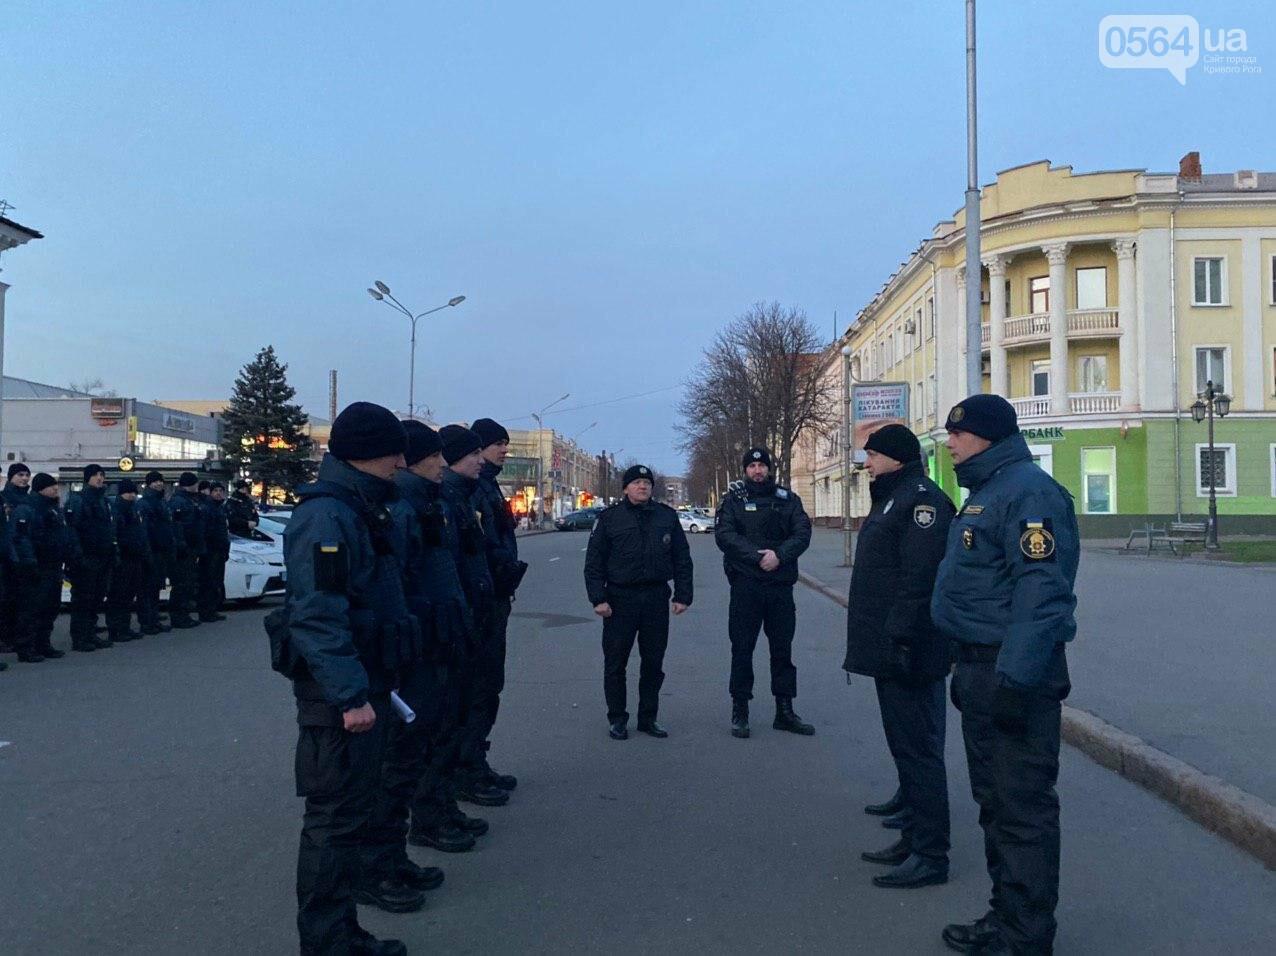 """""""Криворожане будут чувствовать себя в большей безопасности"""": в Центрально-Городском районе начались патрулирования, - ФОТО, ВИДЕО , фото-30"""